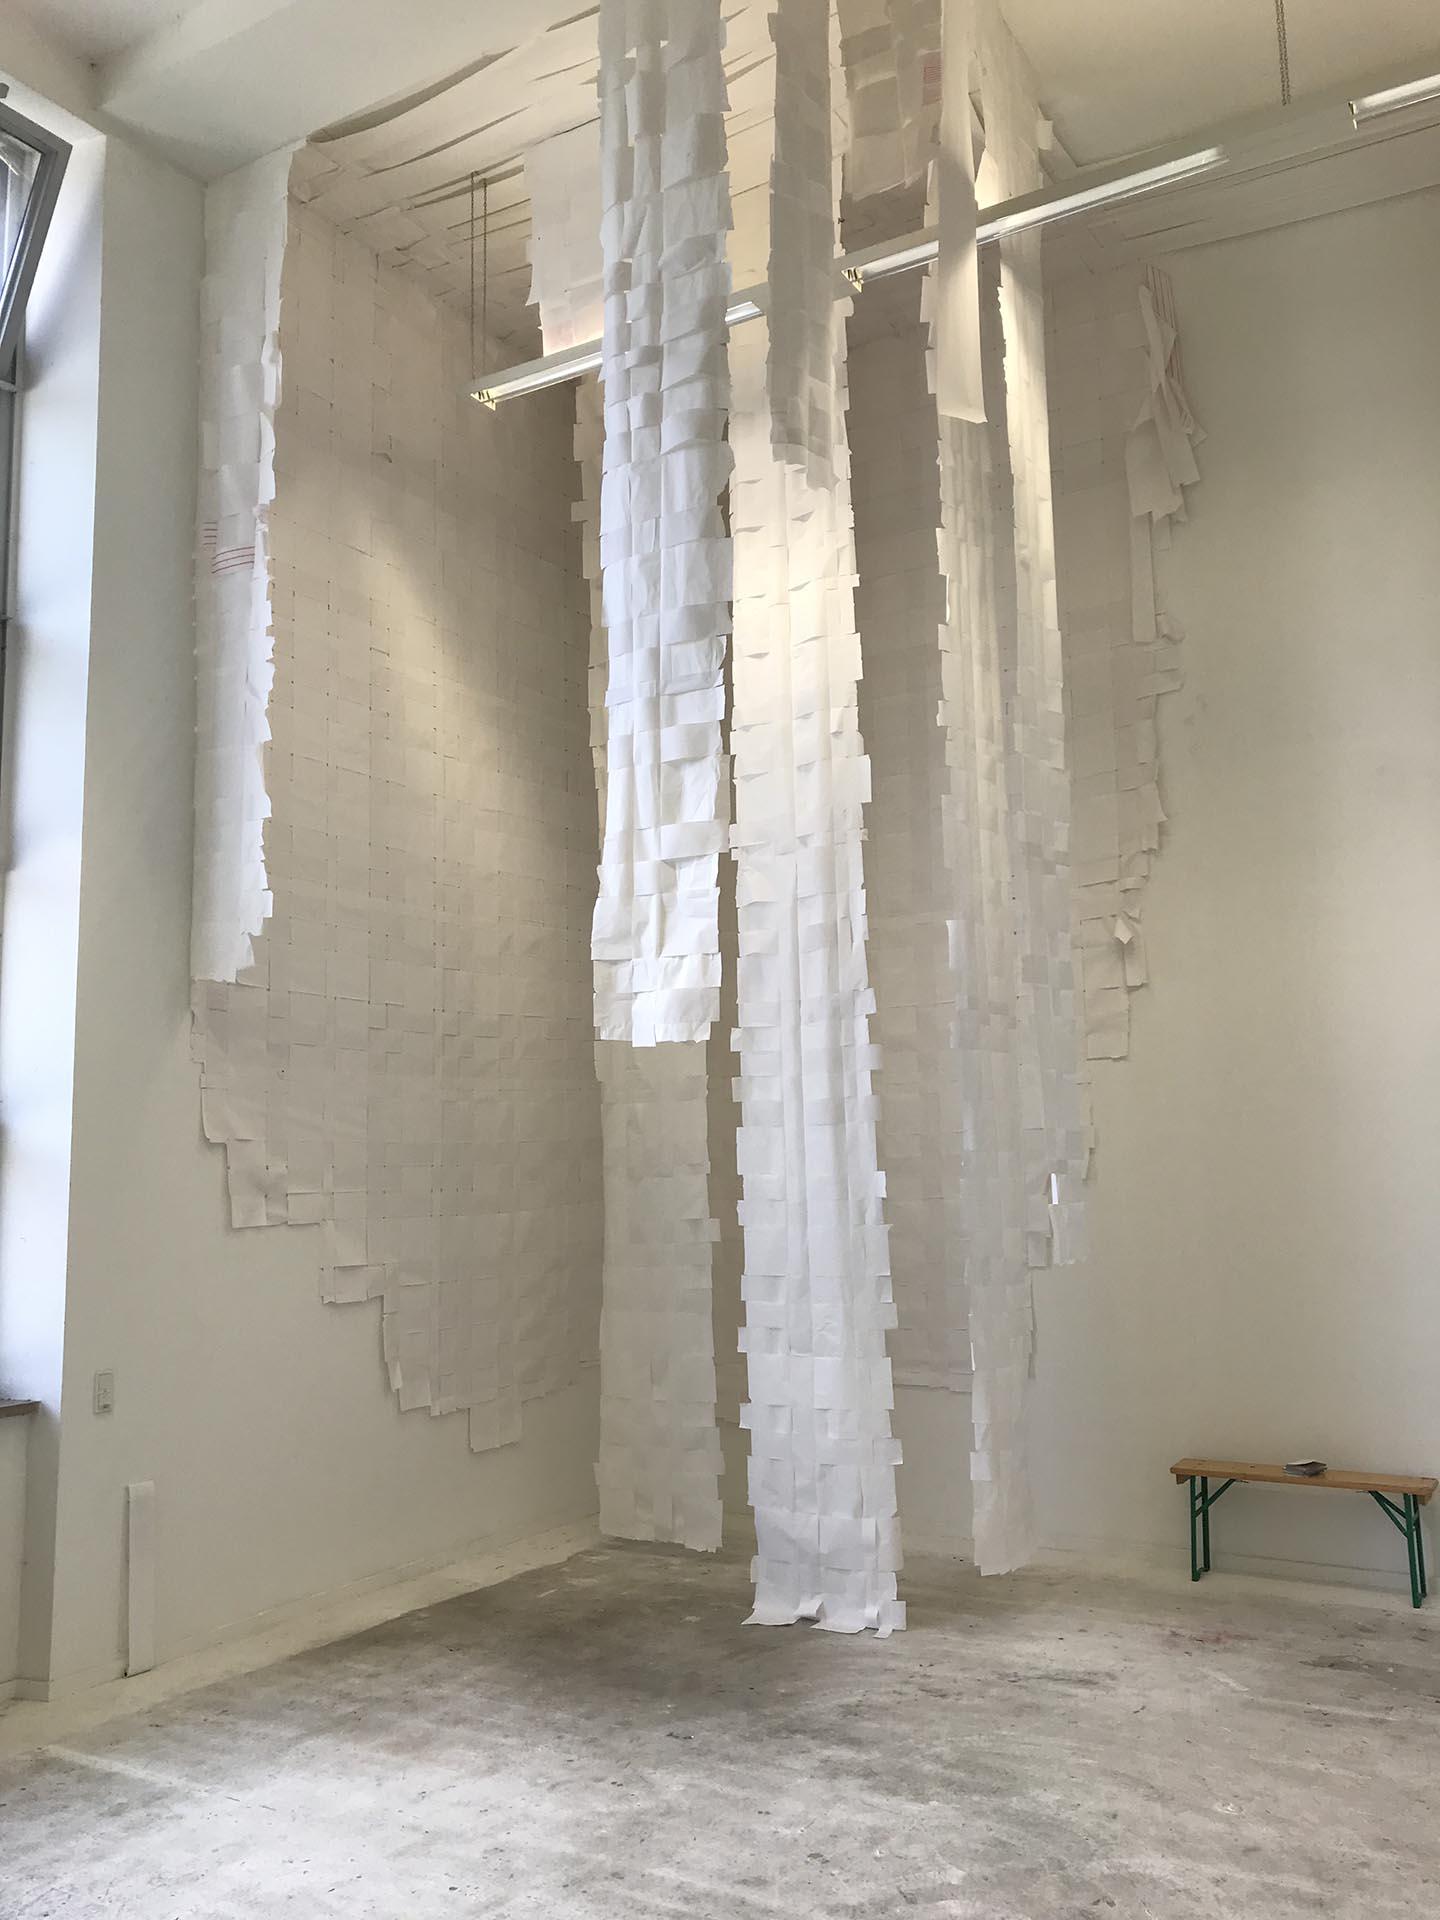 Abbildung Carte Blanche Installation. Von der Decke hängende Papierbahnen